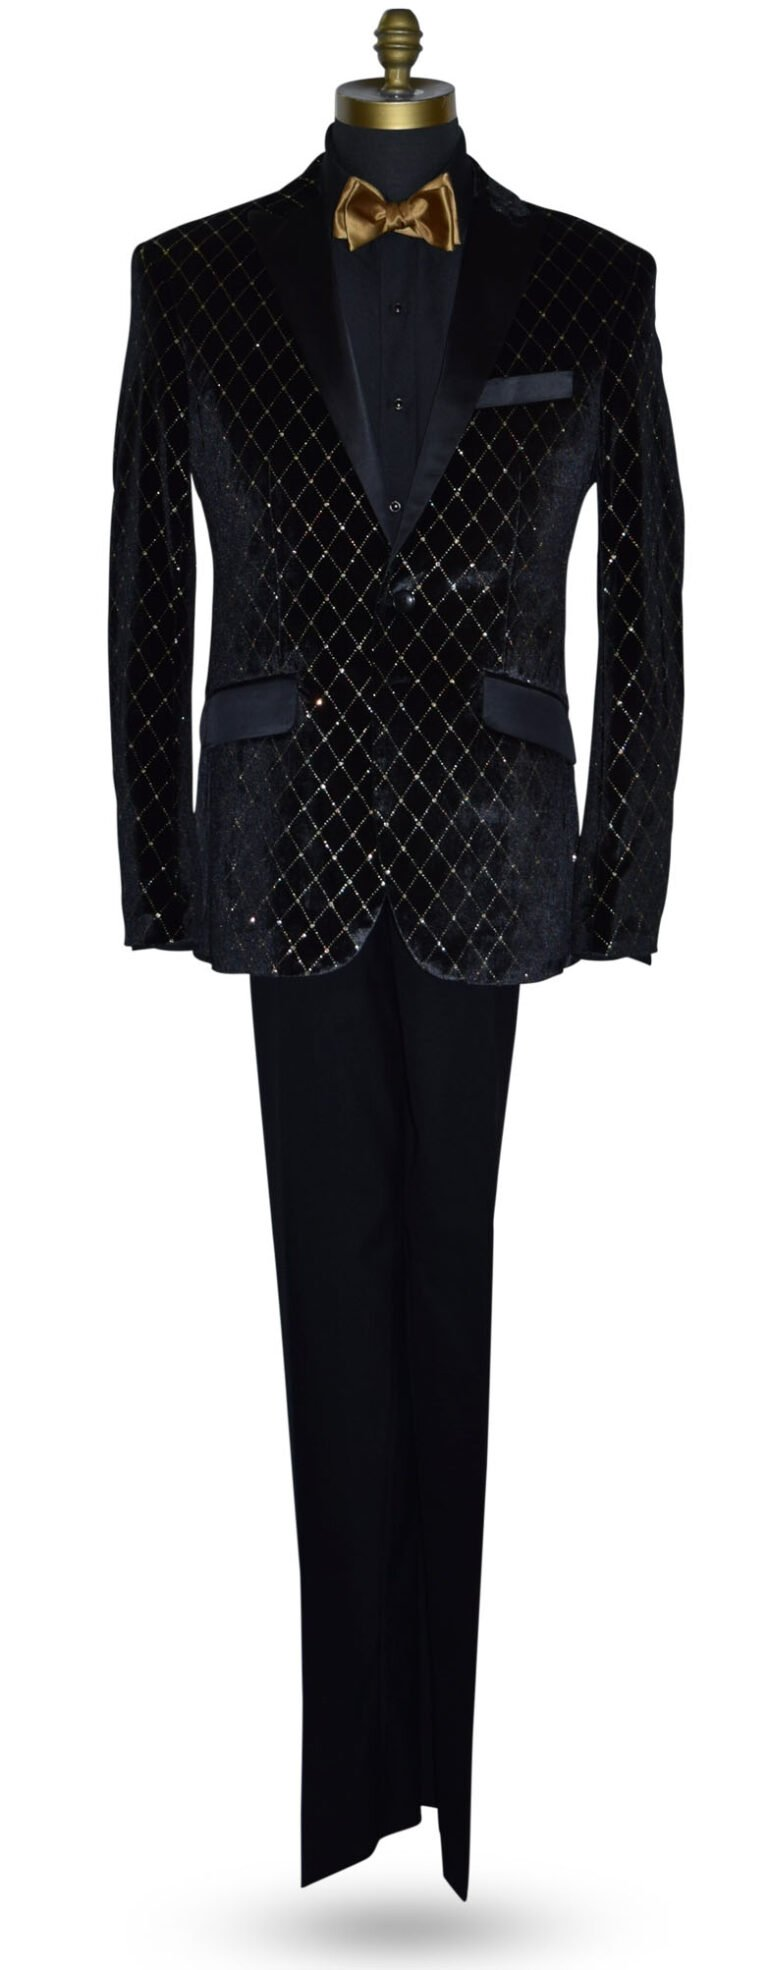 Black Velvet Tuxedo Jacket with Gold Diamond Print